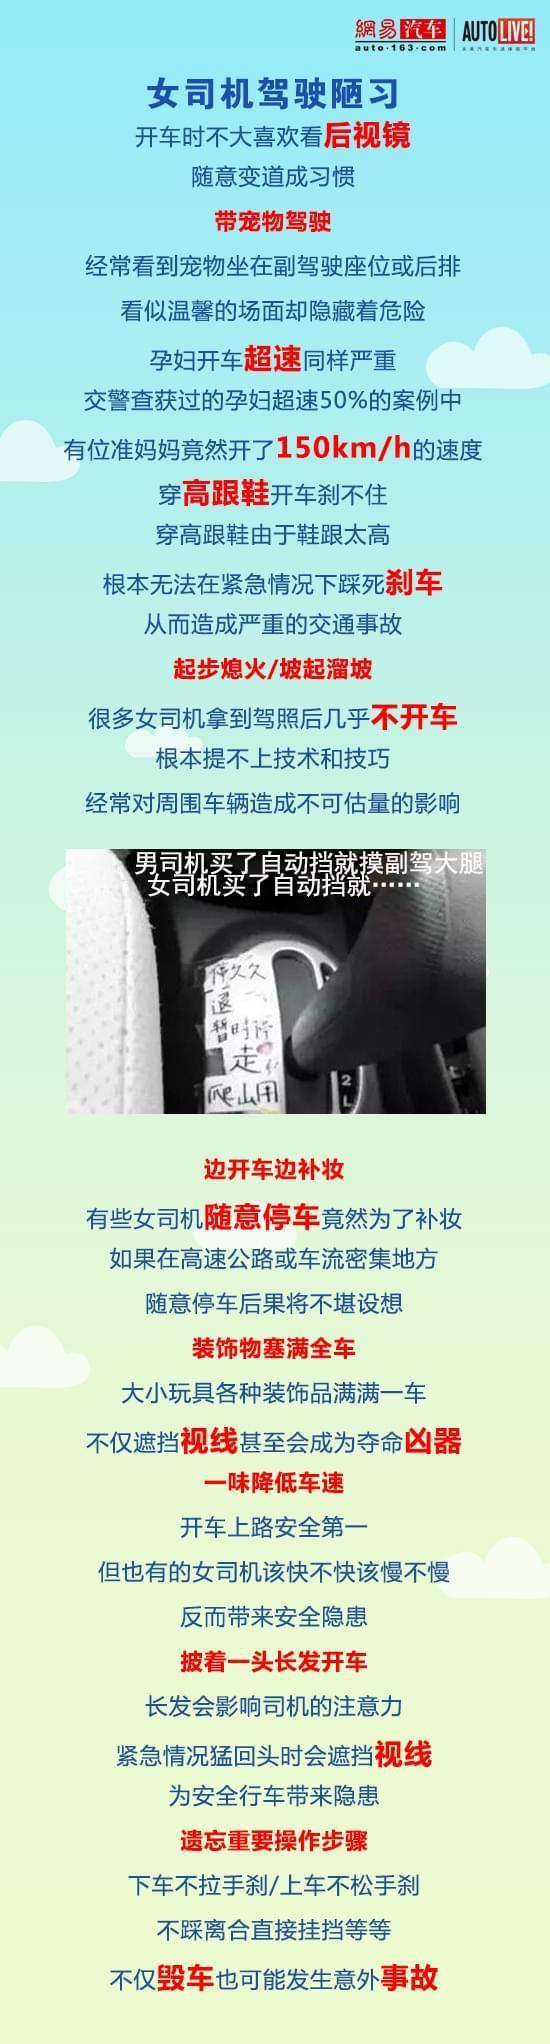 女司机开车穿墙致1死2伤 根源在于先天生理弱势